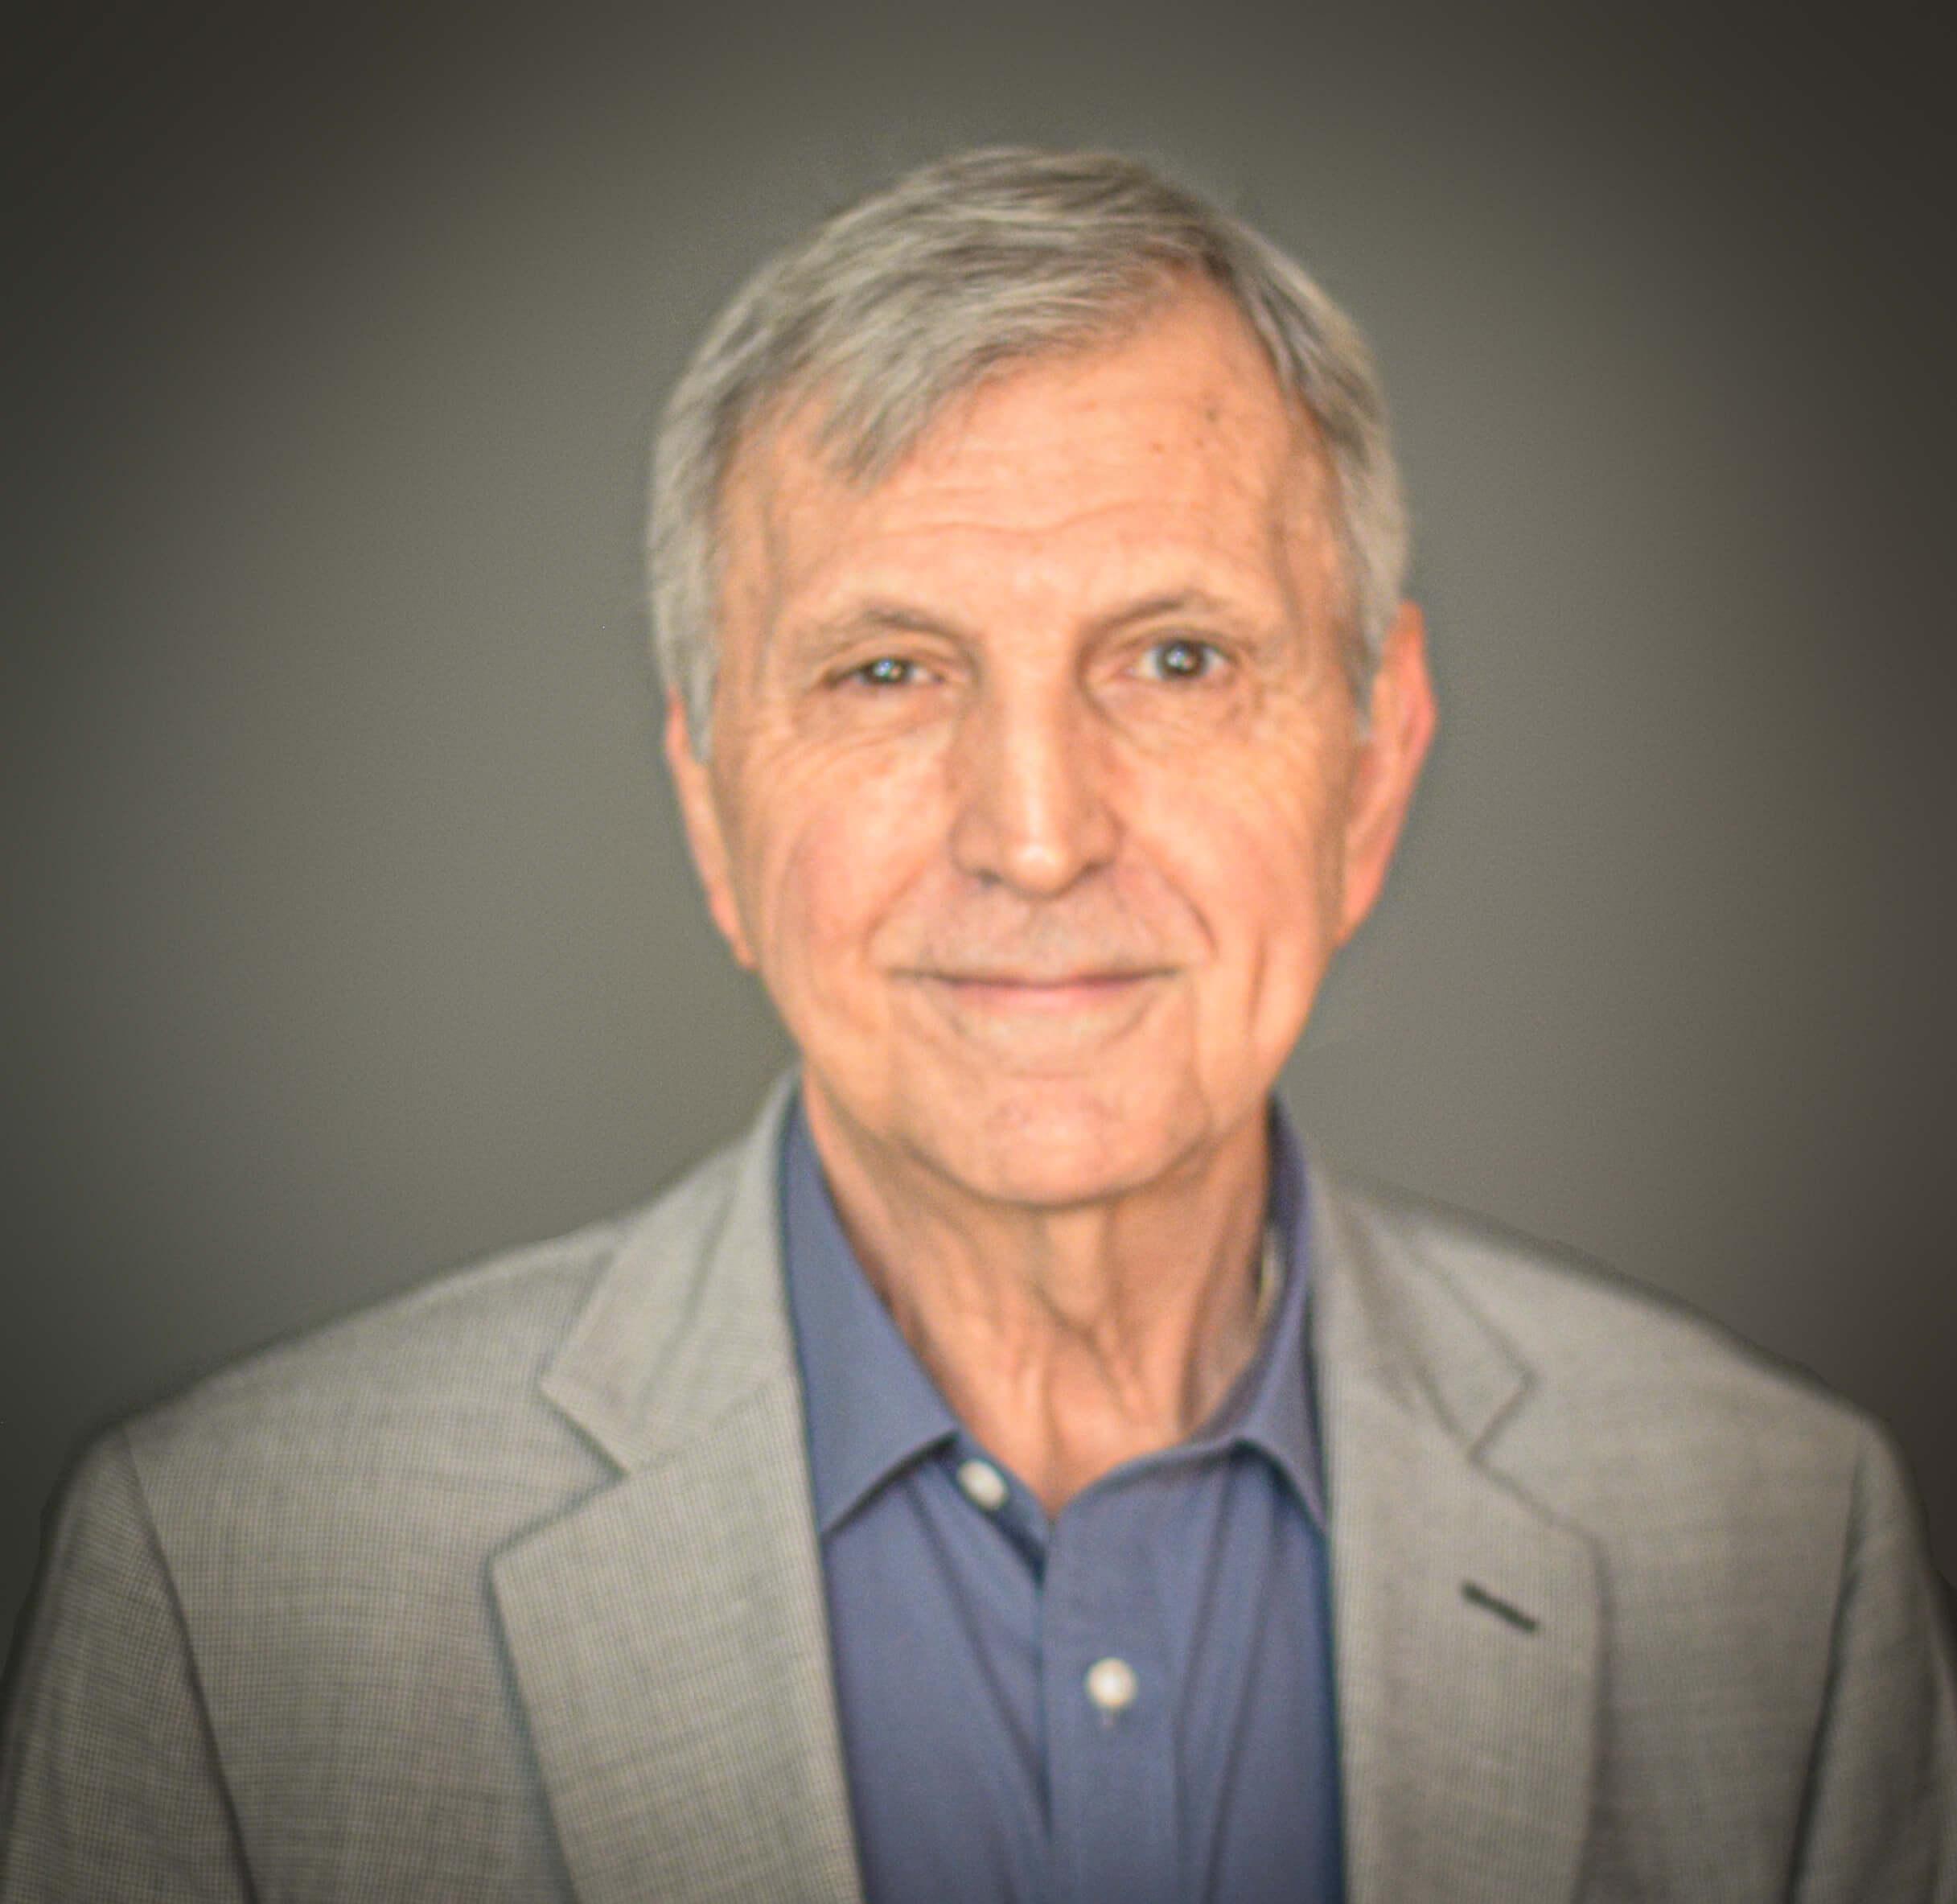 Richard Baldi